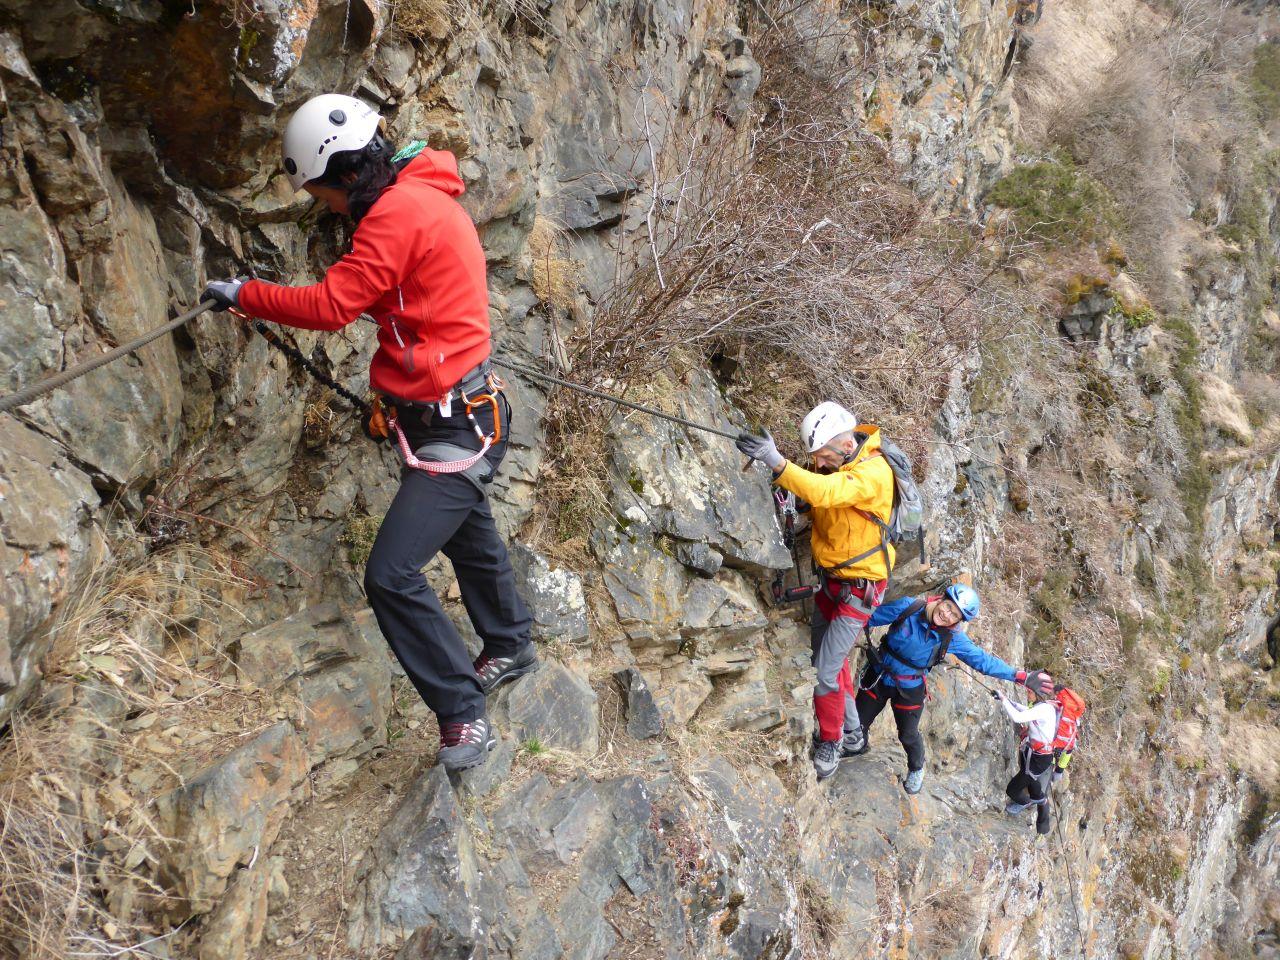 Klettersteig Längenfeld : Schiestl klettersteig in längenfeld 21.3.15 alpenverein